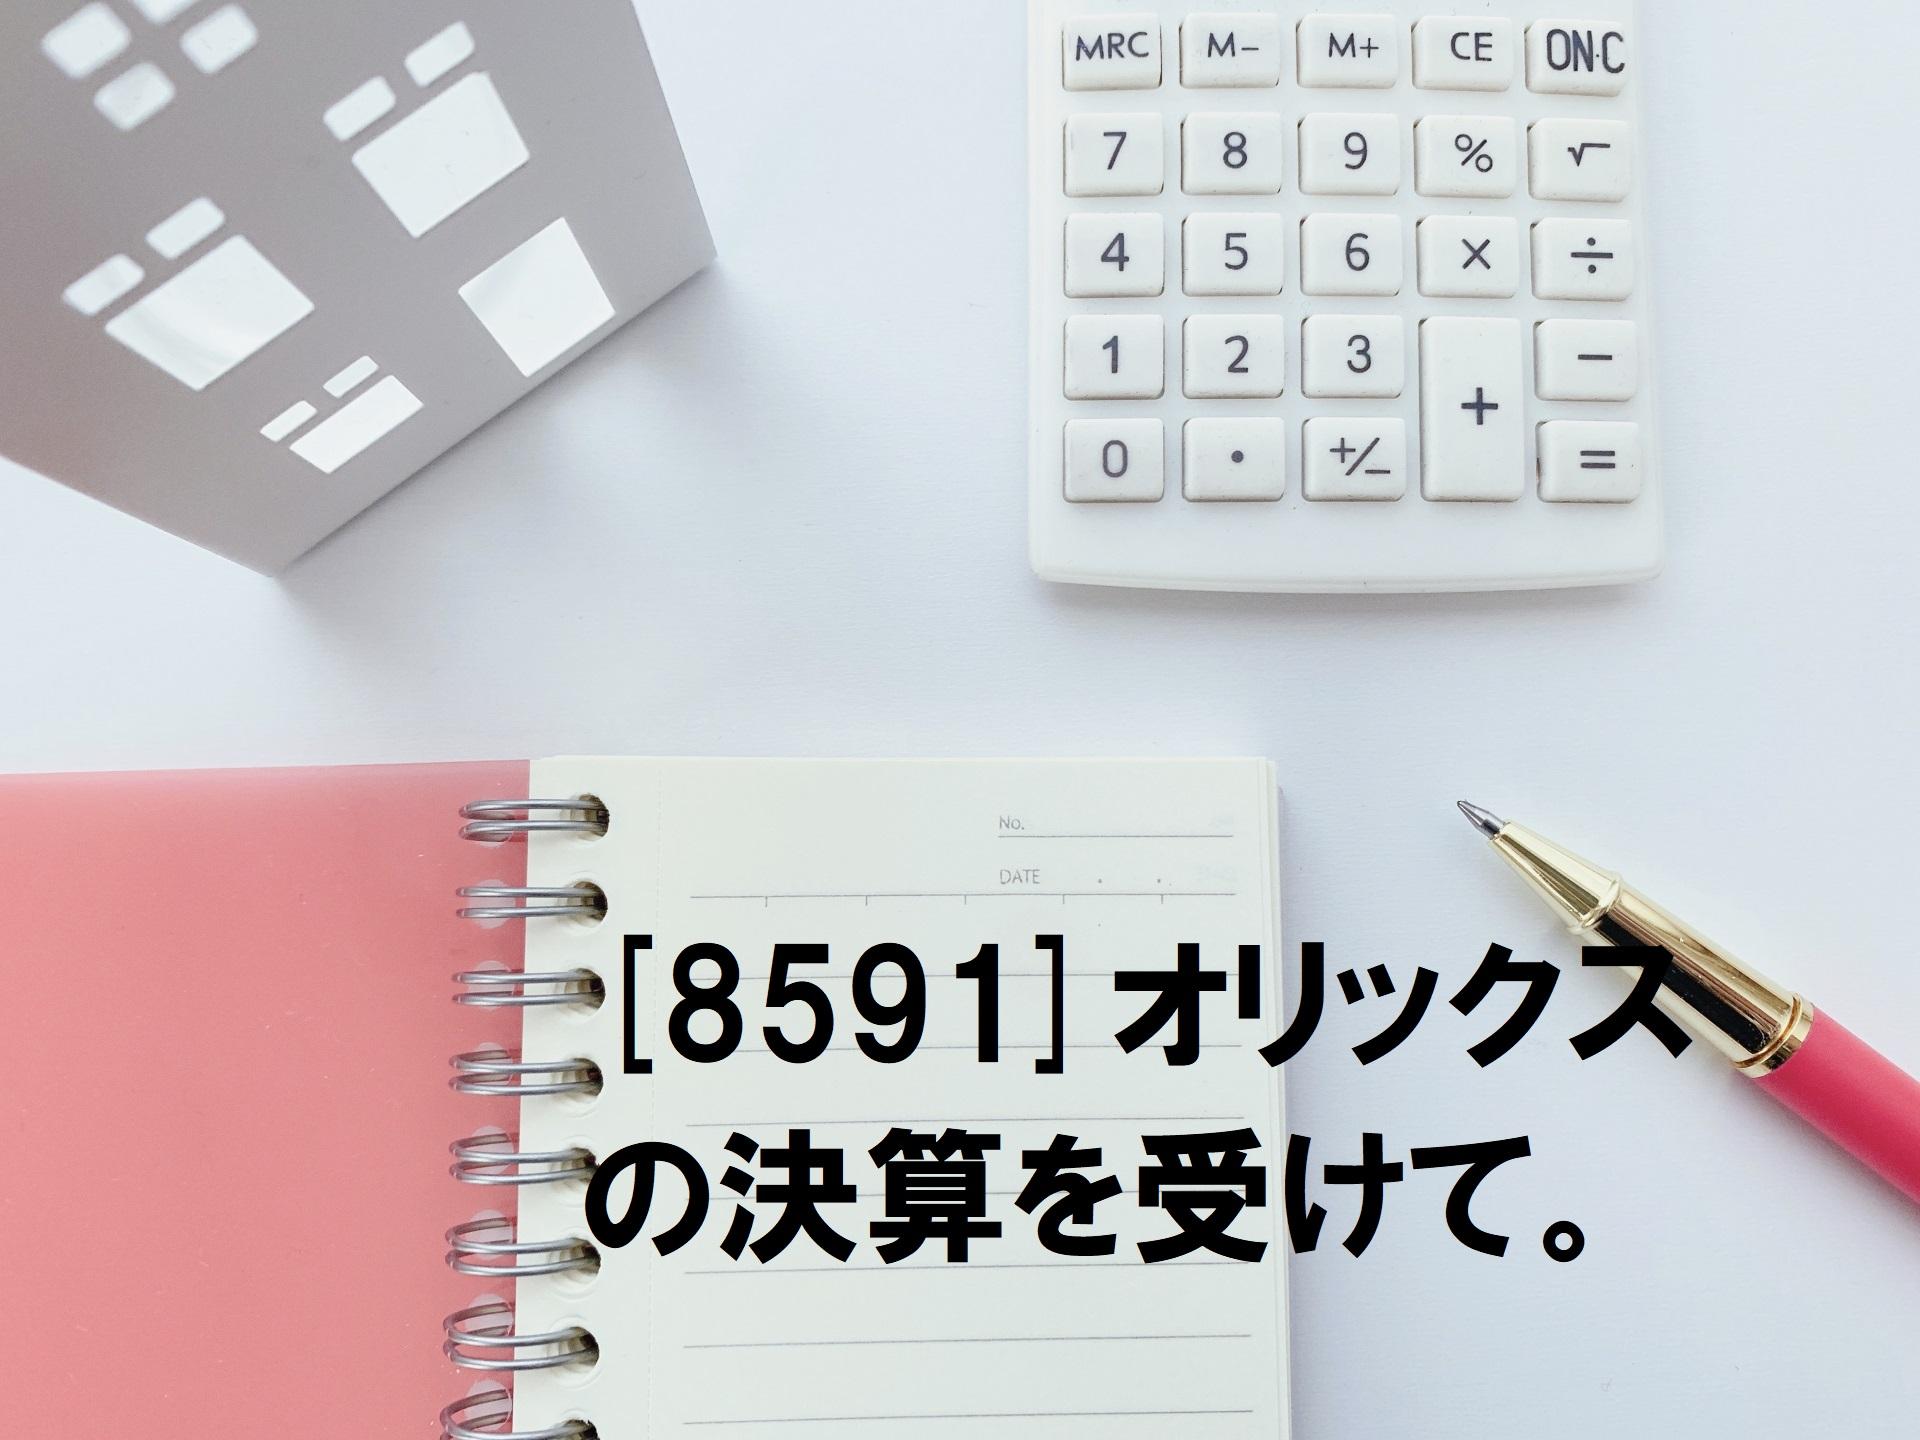 [8591]オリックスの2019年決算を受けて。